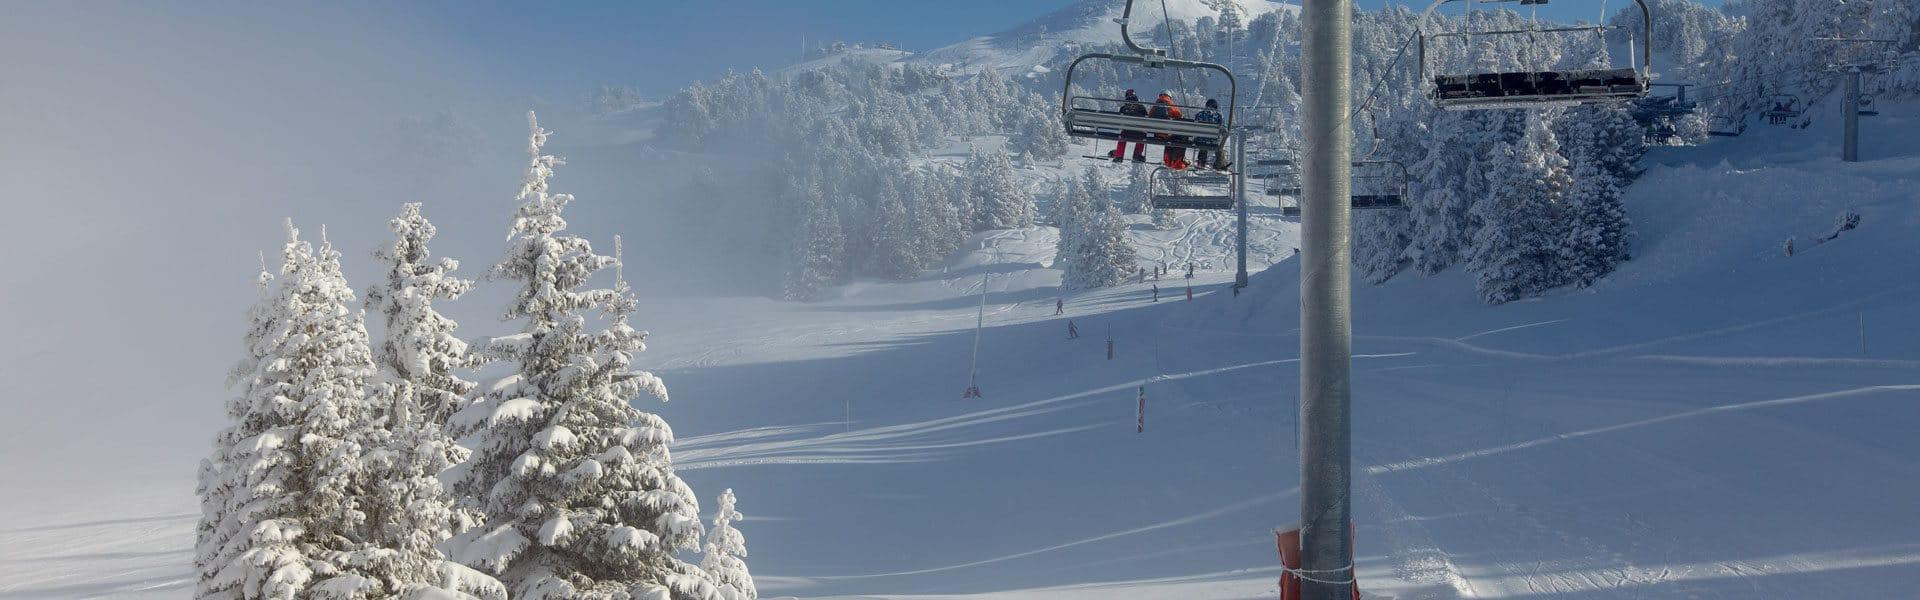 Incentive Reise zum Alpentraum im Schnee mit b-ceed